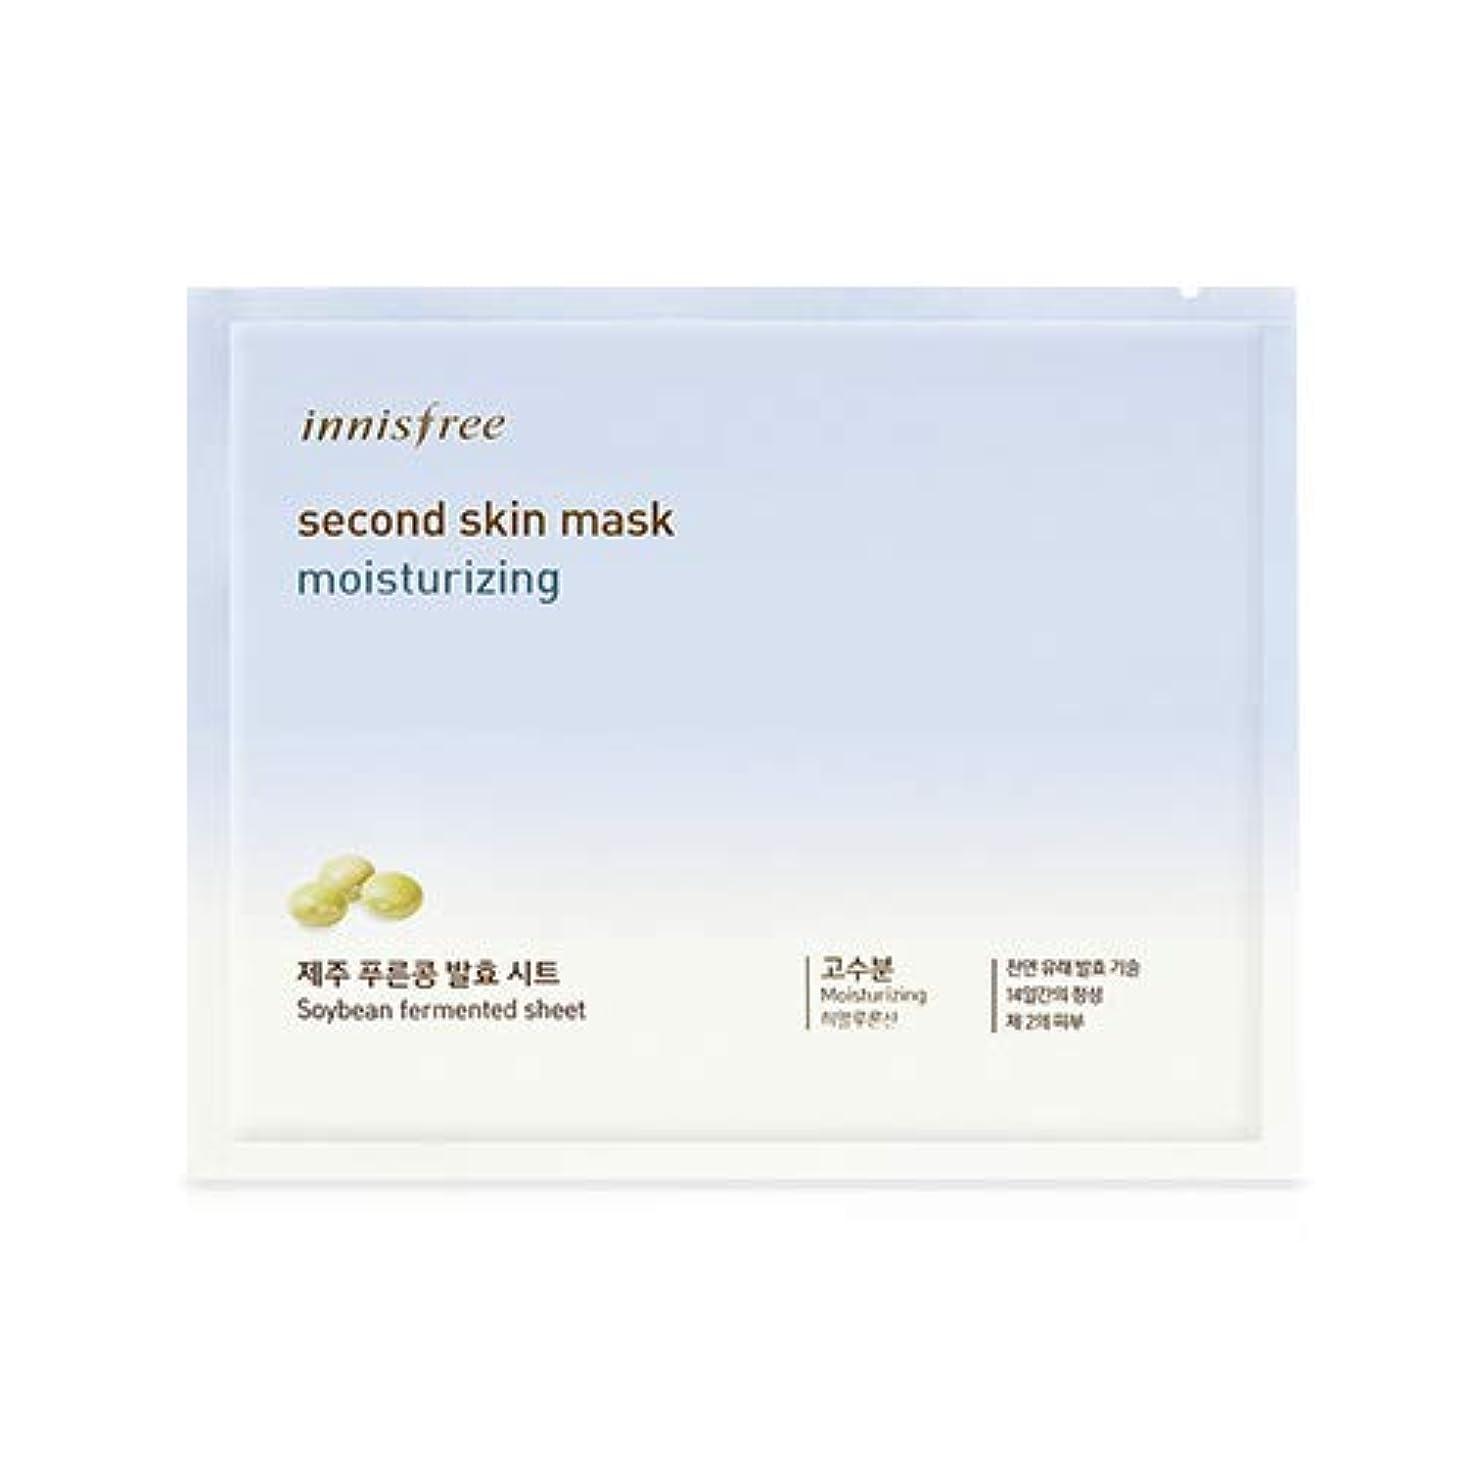 単位投げ捨てるゆり[Original] イニスフリーセカンドスキンマスクシート20g x 3個 - モイスチャライジング/Innisfree Second Skin Mask Sheet 20g x 3pcs - Moisturizing...